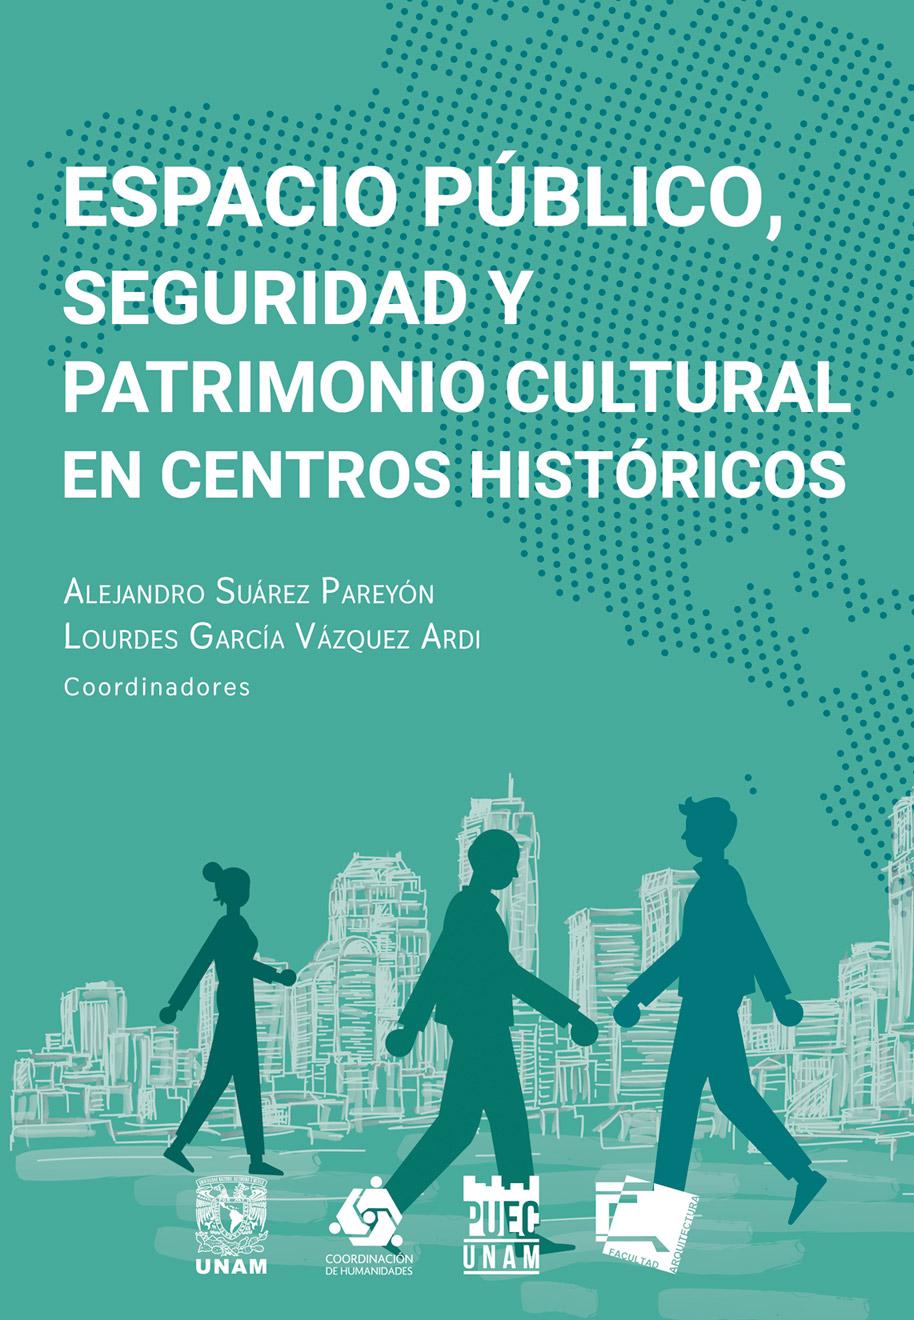 Espacio Público, Seguridad y Patrimonio Cultural en Centros Históricos / ePub